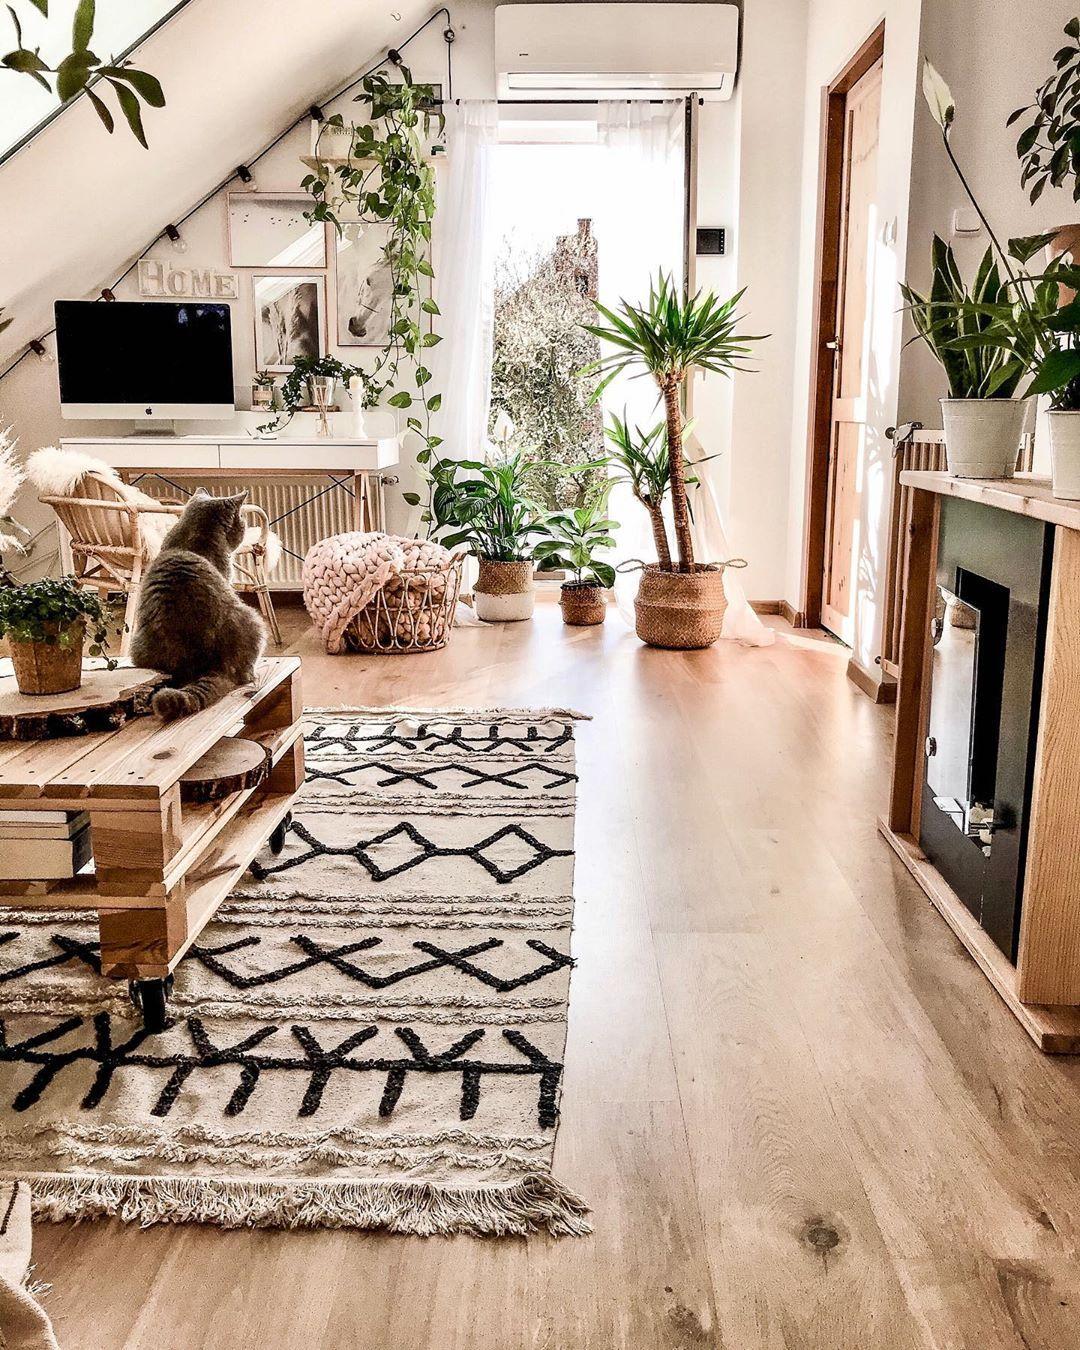 Tatiana Home Decor On Instagram Spring Hej Kochani Co U Was Wholesale Home Decor Unique Home Decor Home Decor